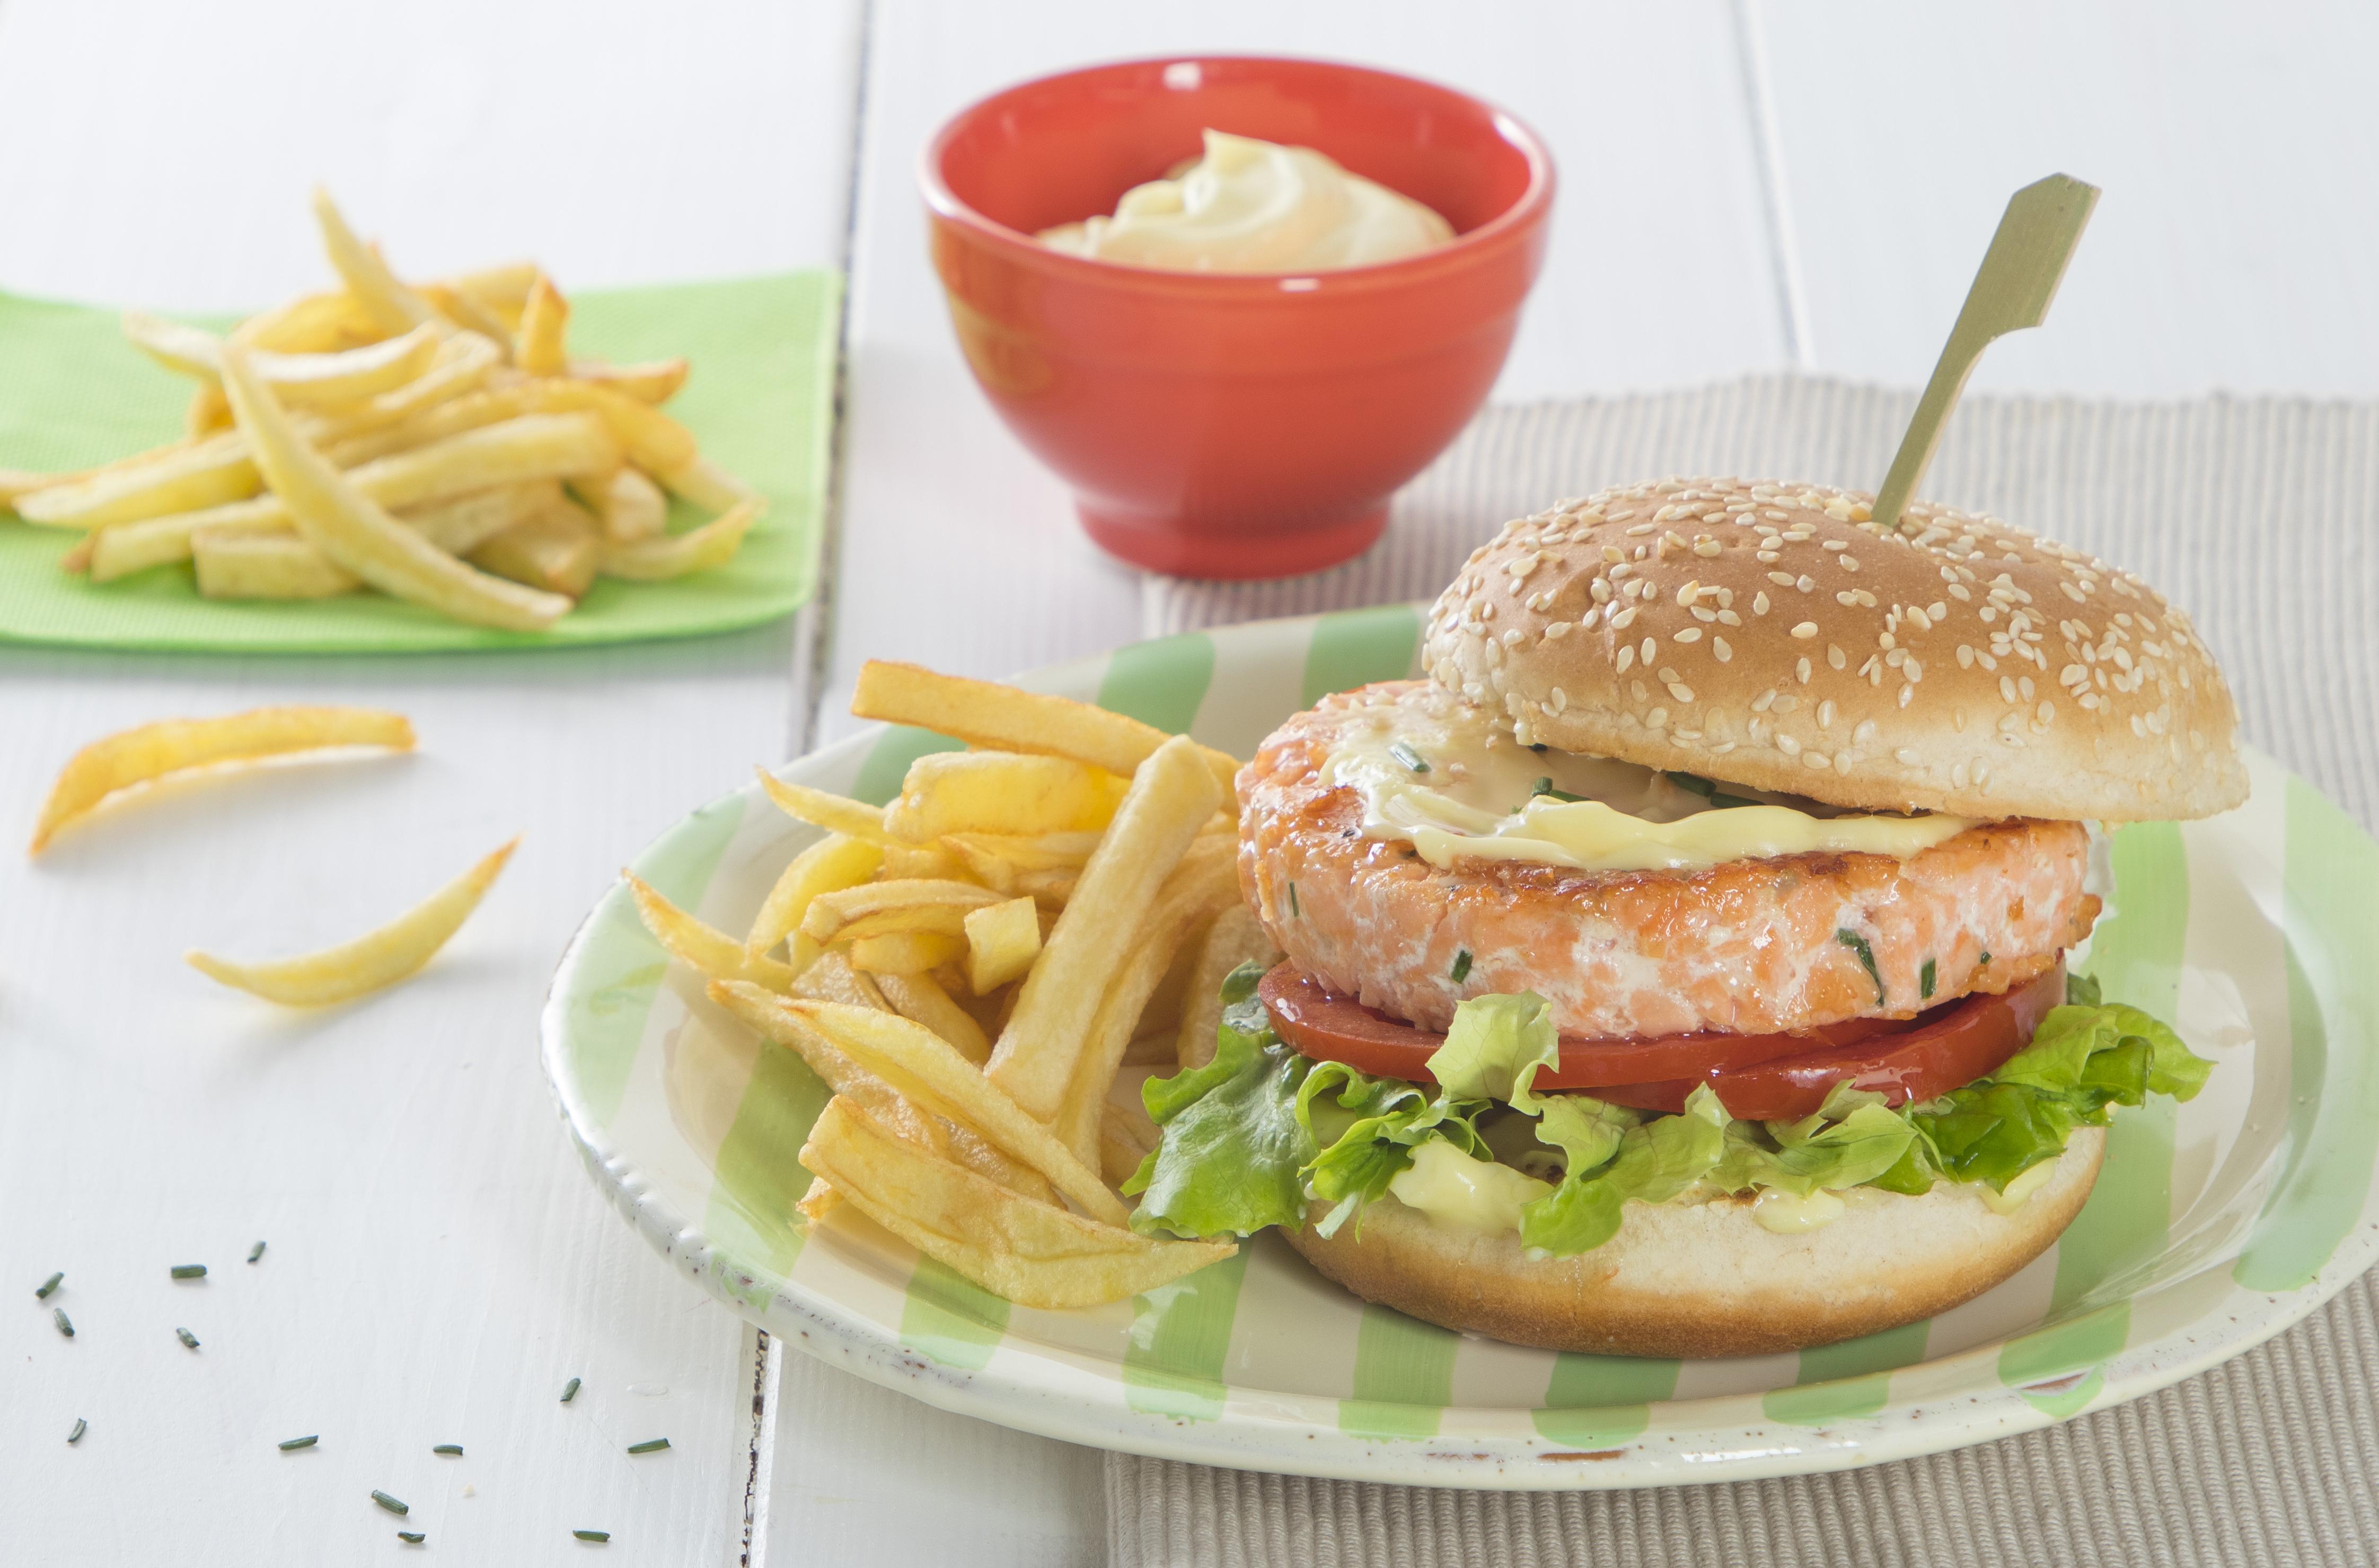 Burger di salmone con maionese e patatine